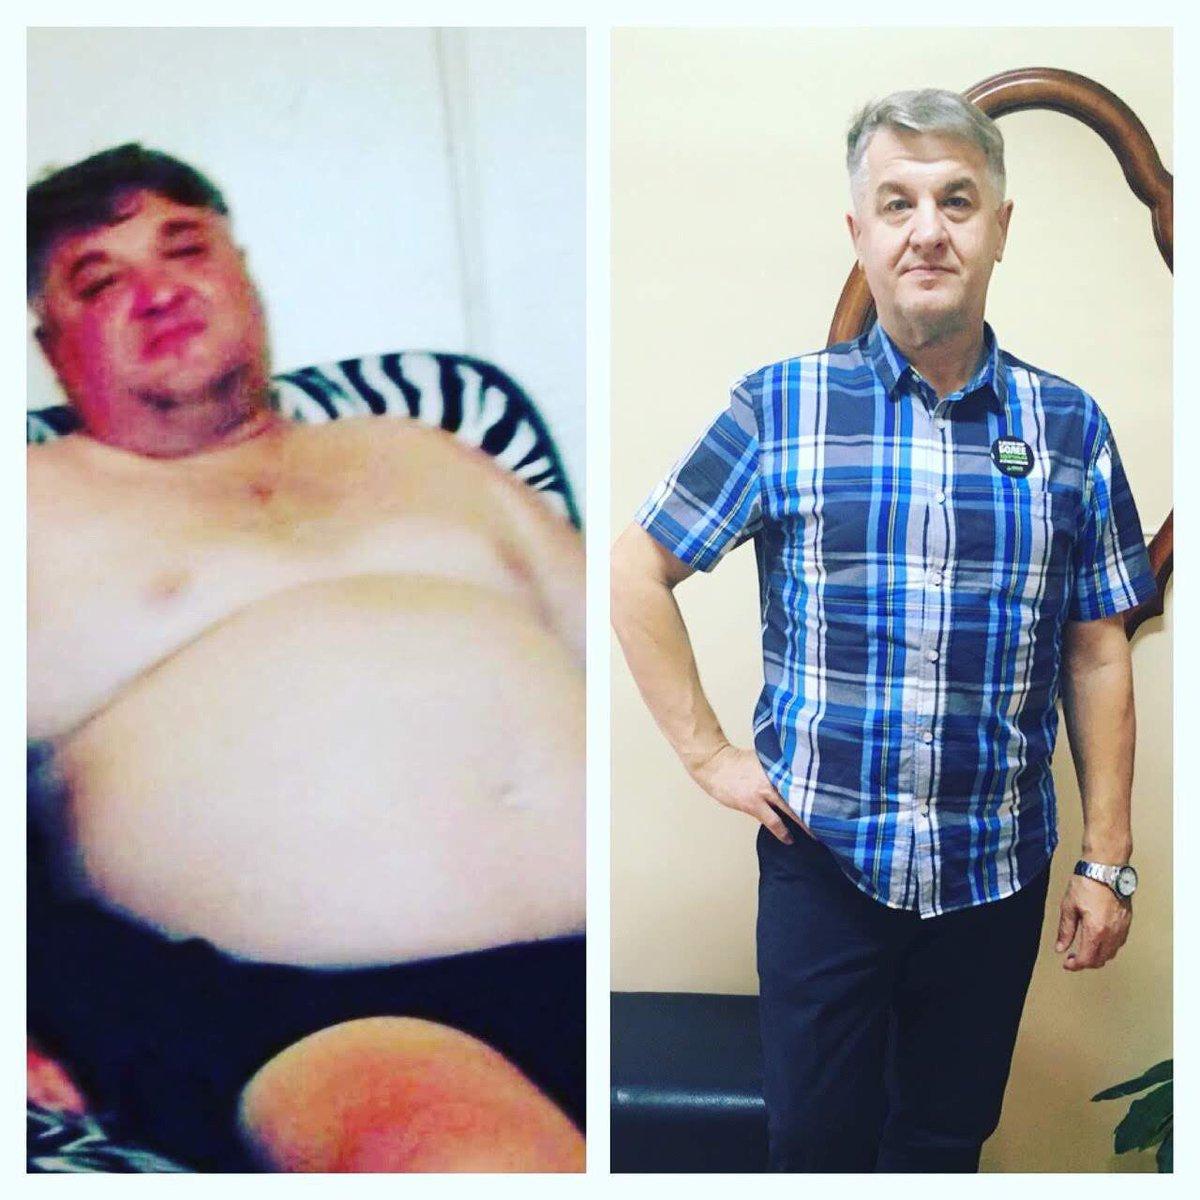 Реальный Способ Похудеть Мужчине. Как легко и быстро мужчине сбросить лишний вес в домашних условиях